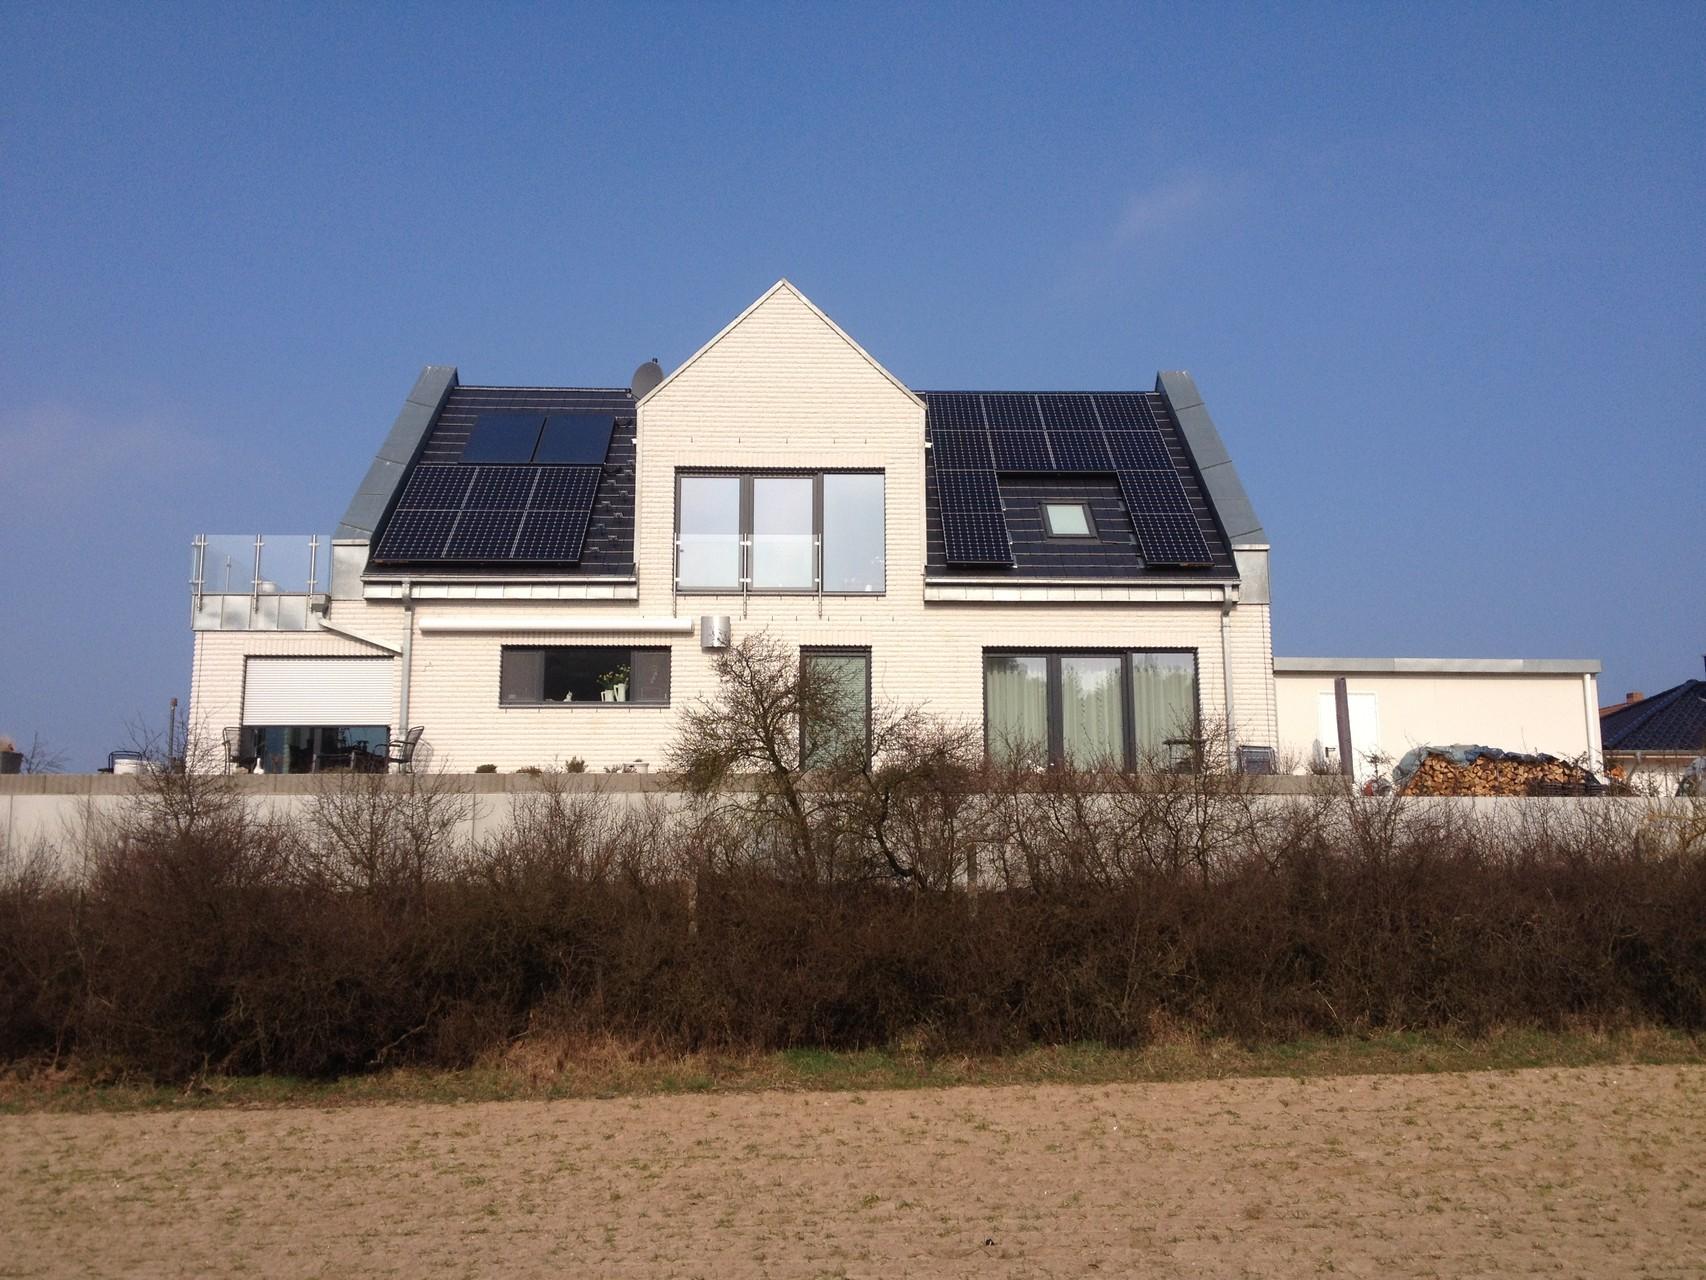 Ansicht nach der Belegung mit Sunpower 5,886 kWp, Solaredge und 8 kWh Speicher G2 mit EconamicGrid auf Usedom